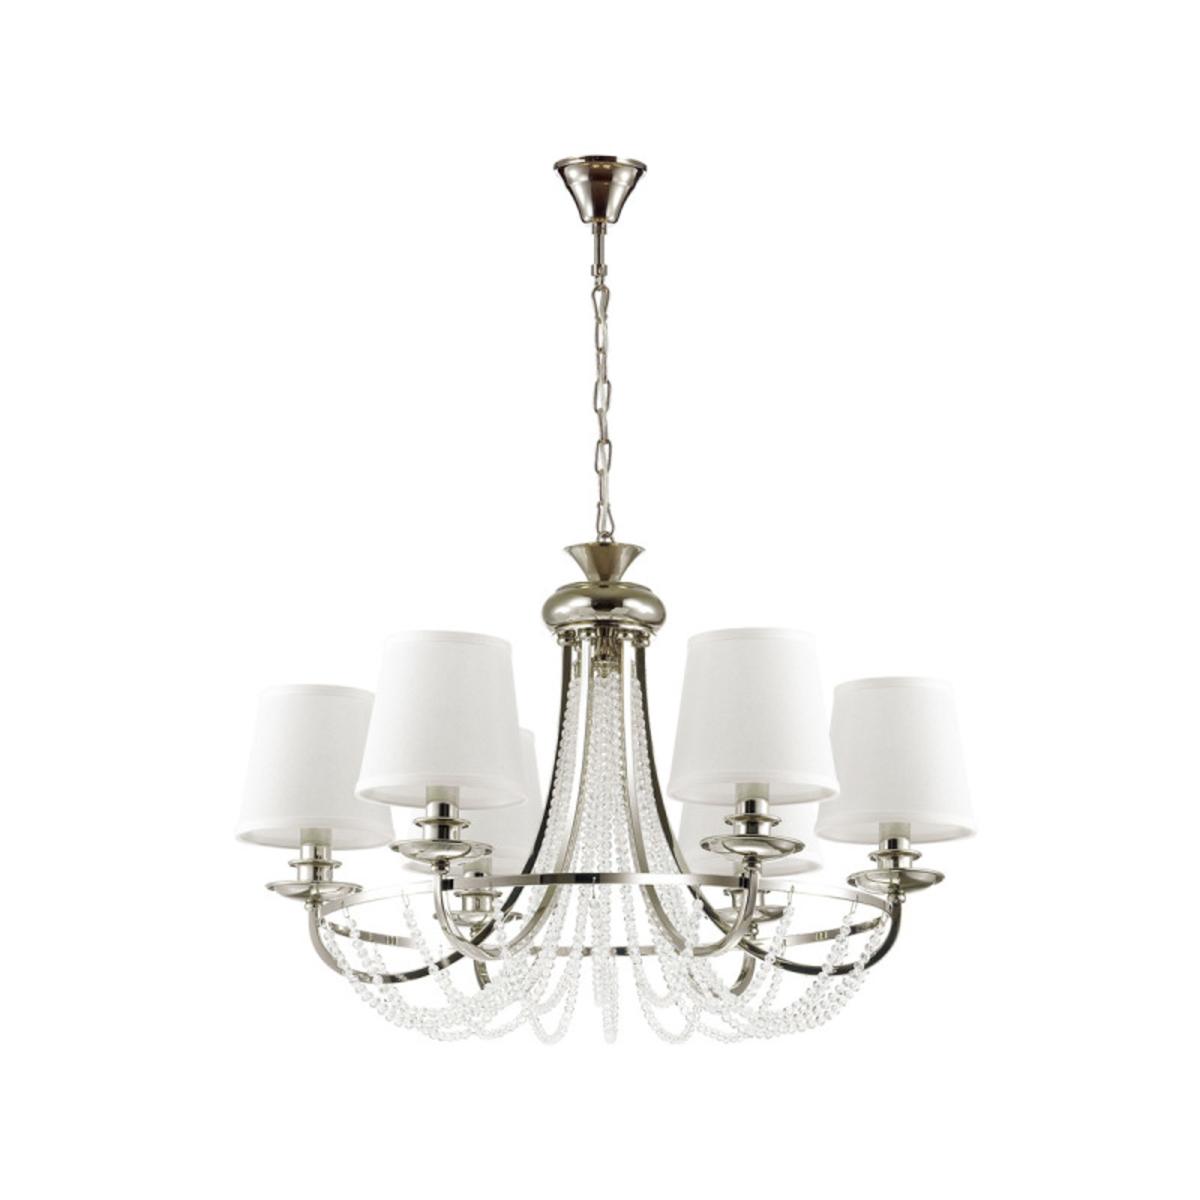 Купить Подвесная люстра LIRIA Подвесная люстра Odeon Light 4182/6 (15491), HomeMe